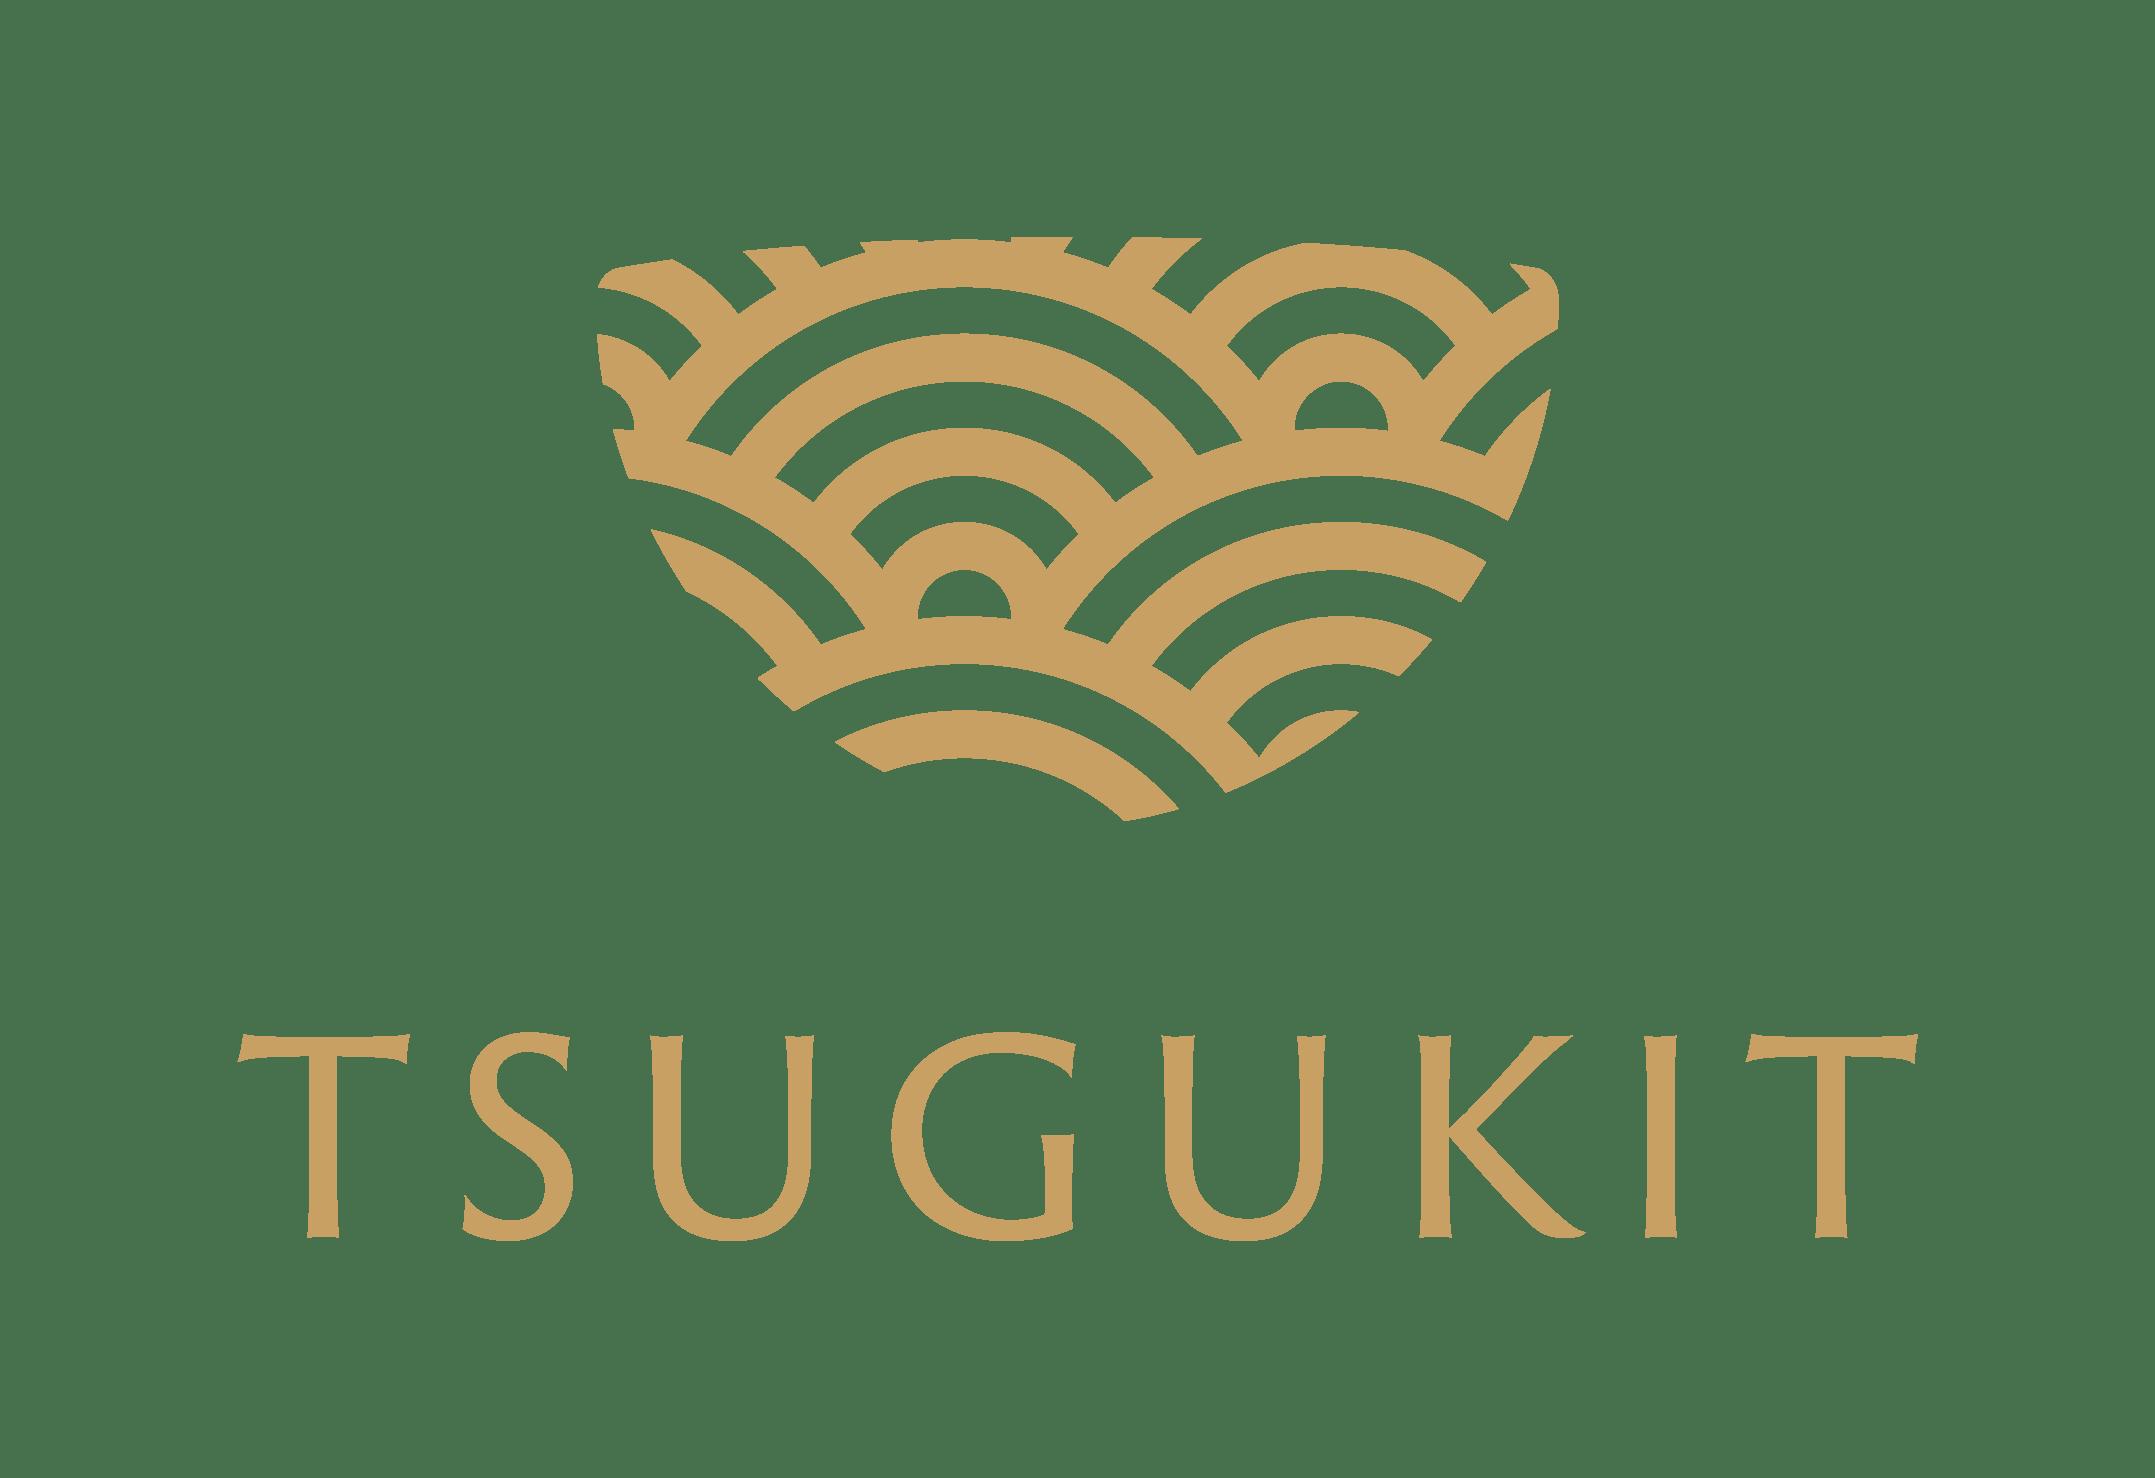 金継ぎキット初心者用【TSUGUKIT/つぐキット】 Kintsugi Kit for Beginners